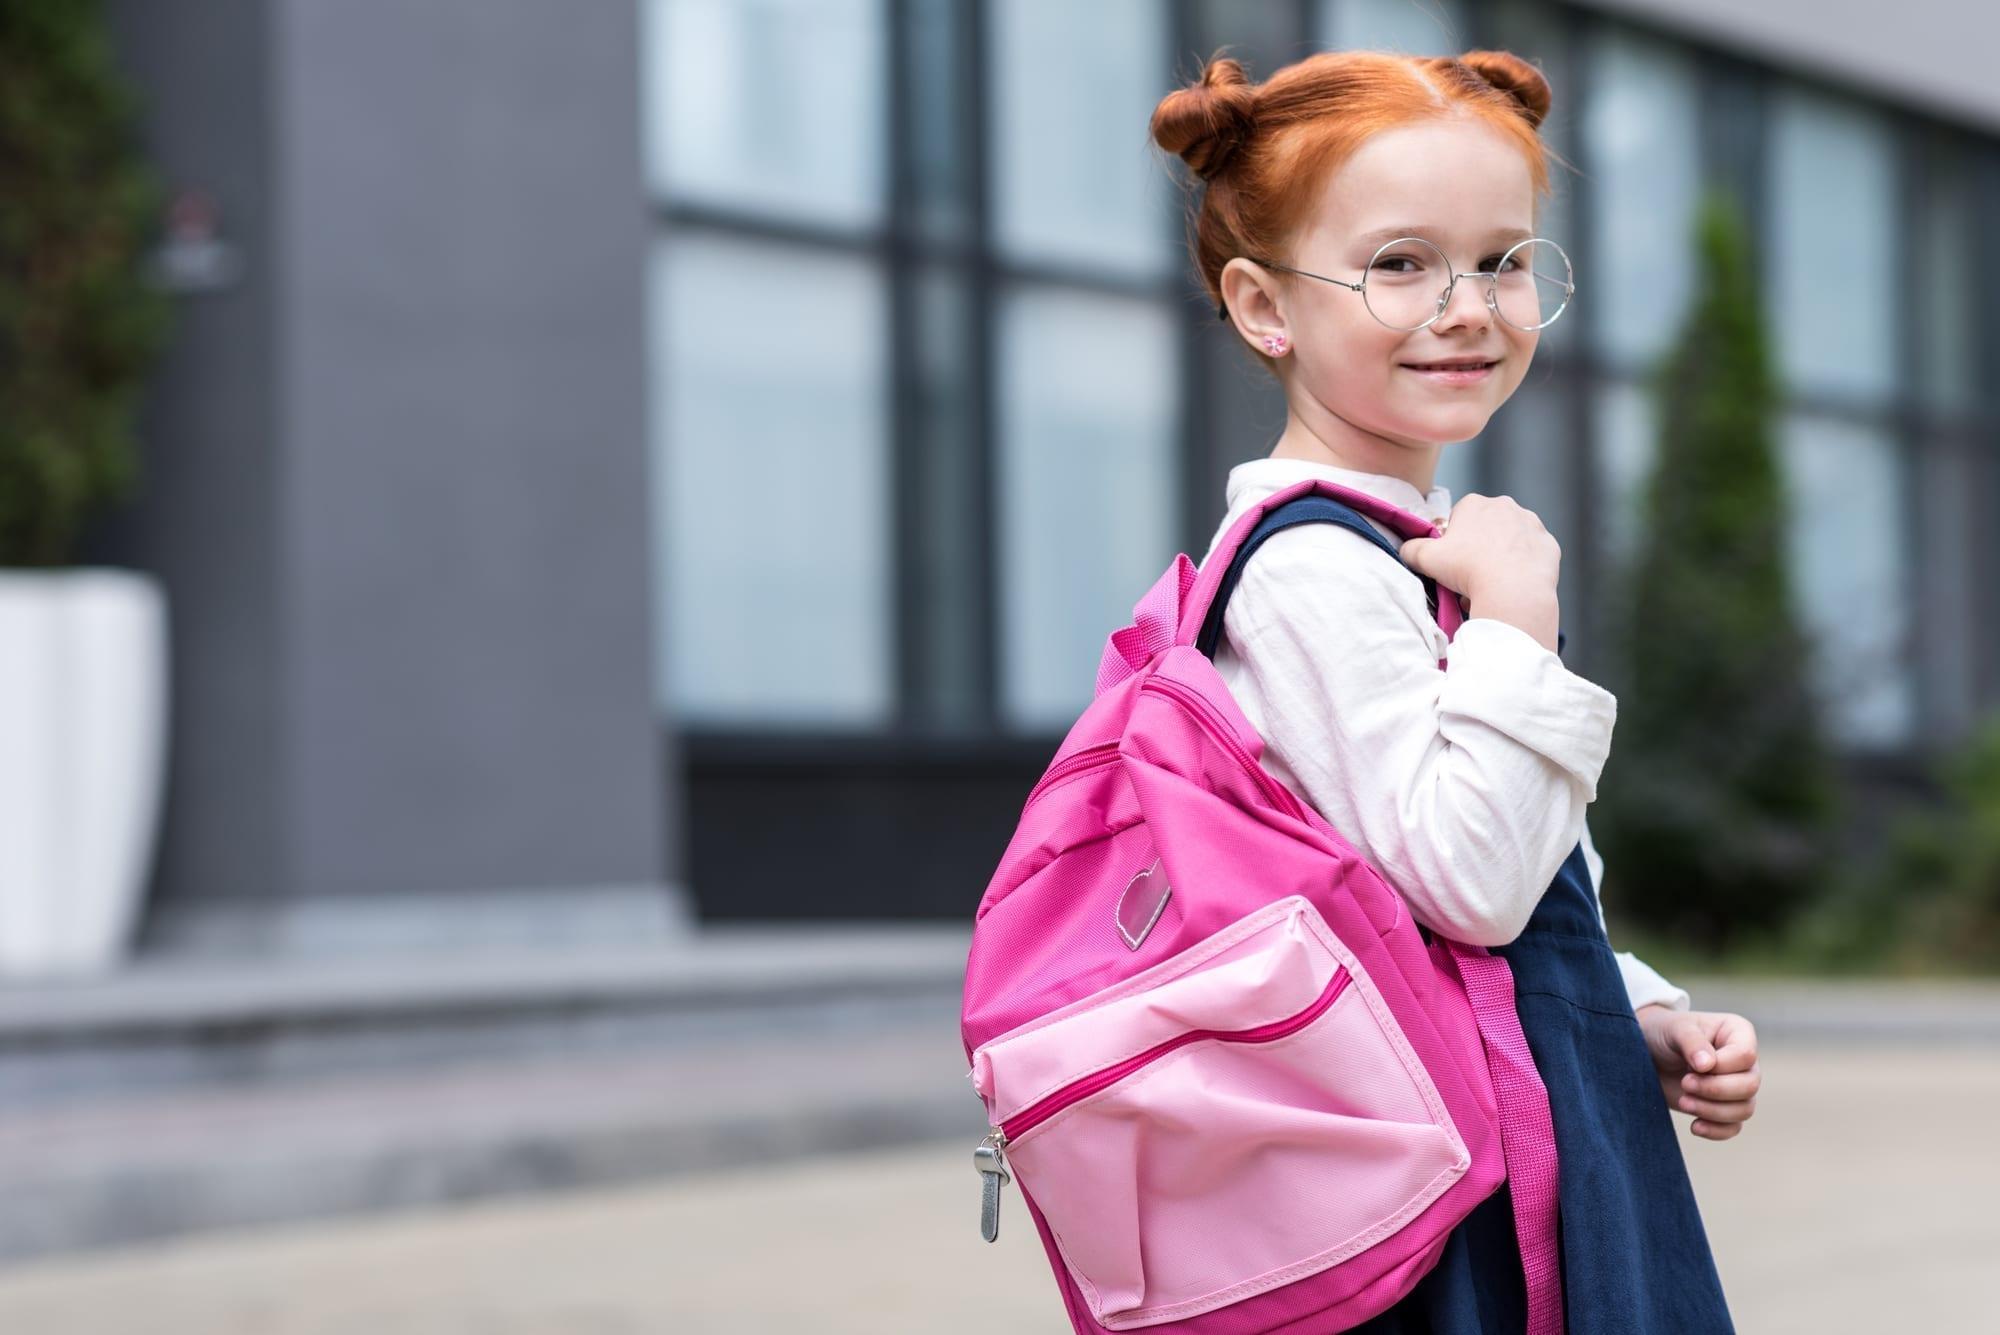 little girl holding backpack over shoulder